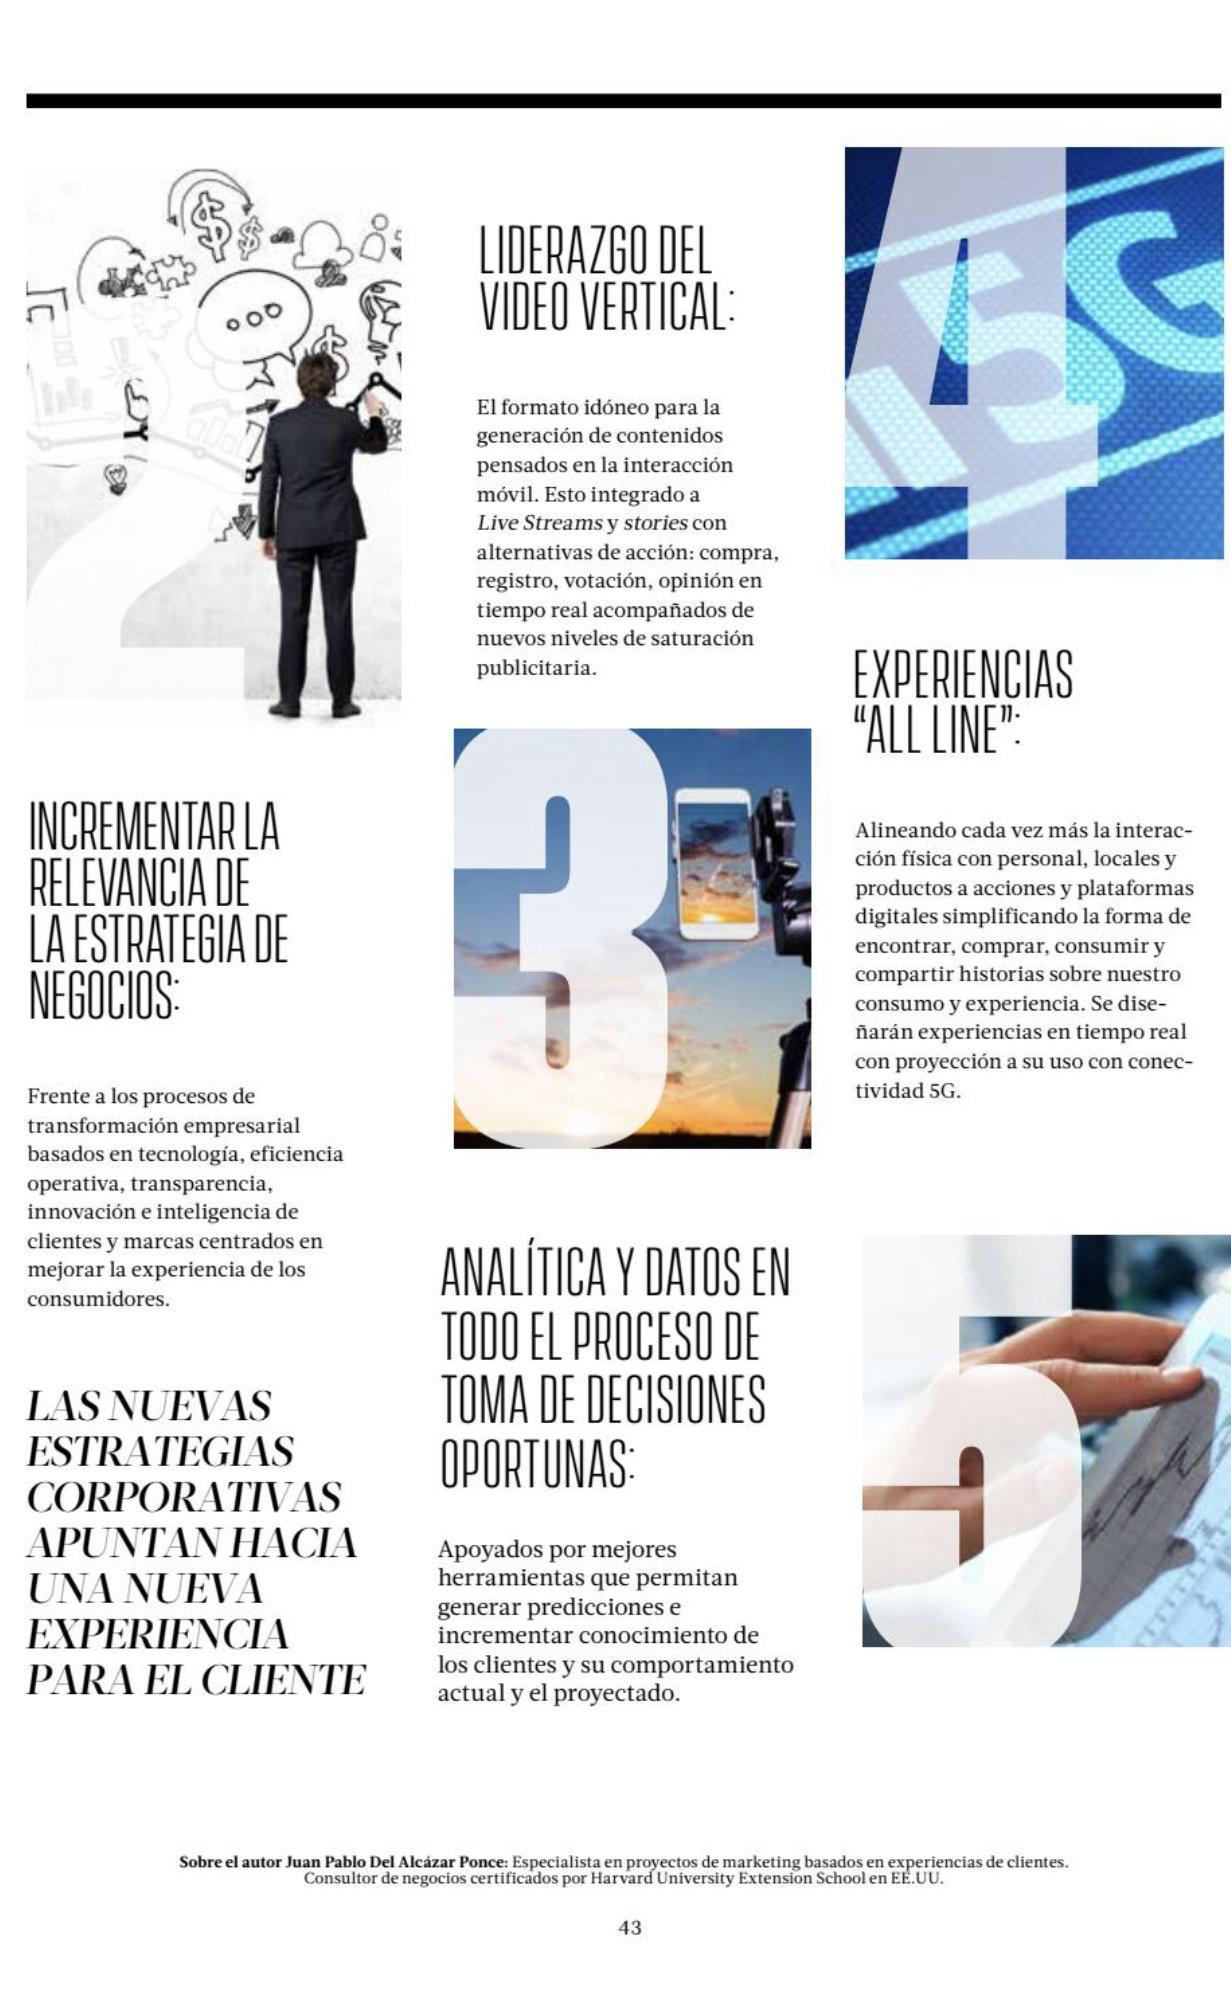 5 Tendencias de gestión y marketing 2020 2